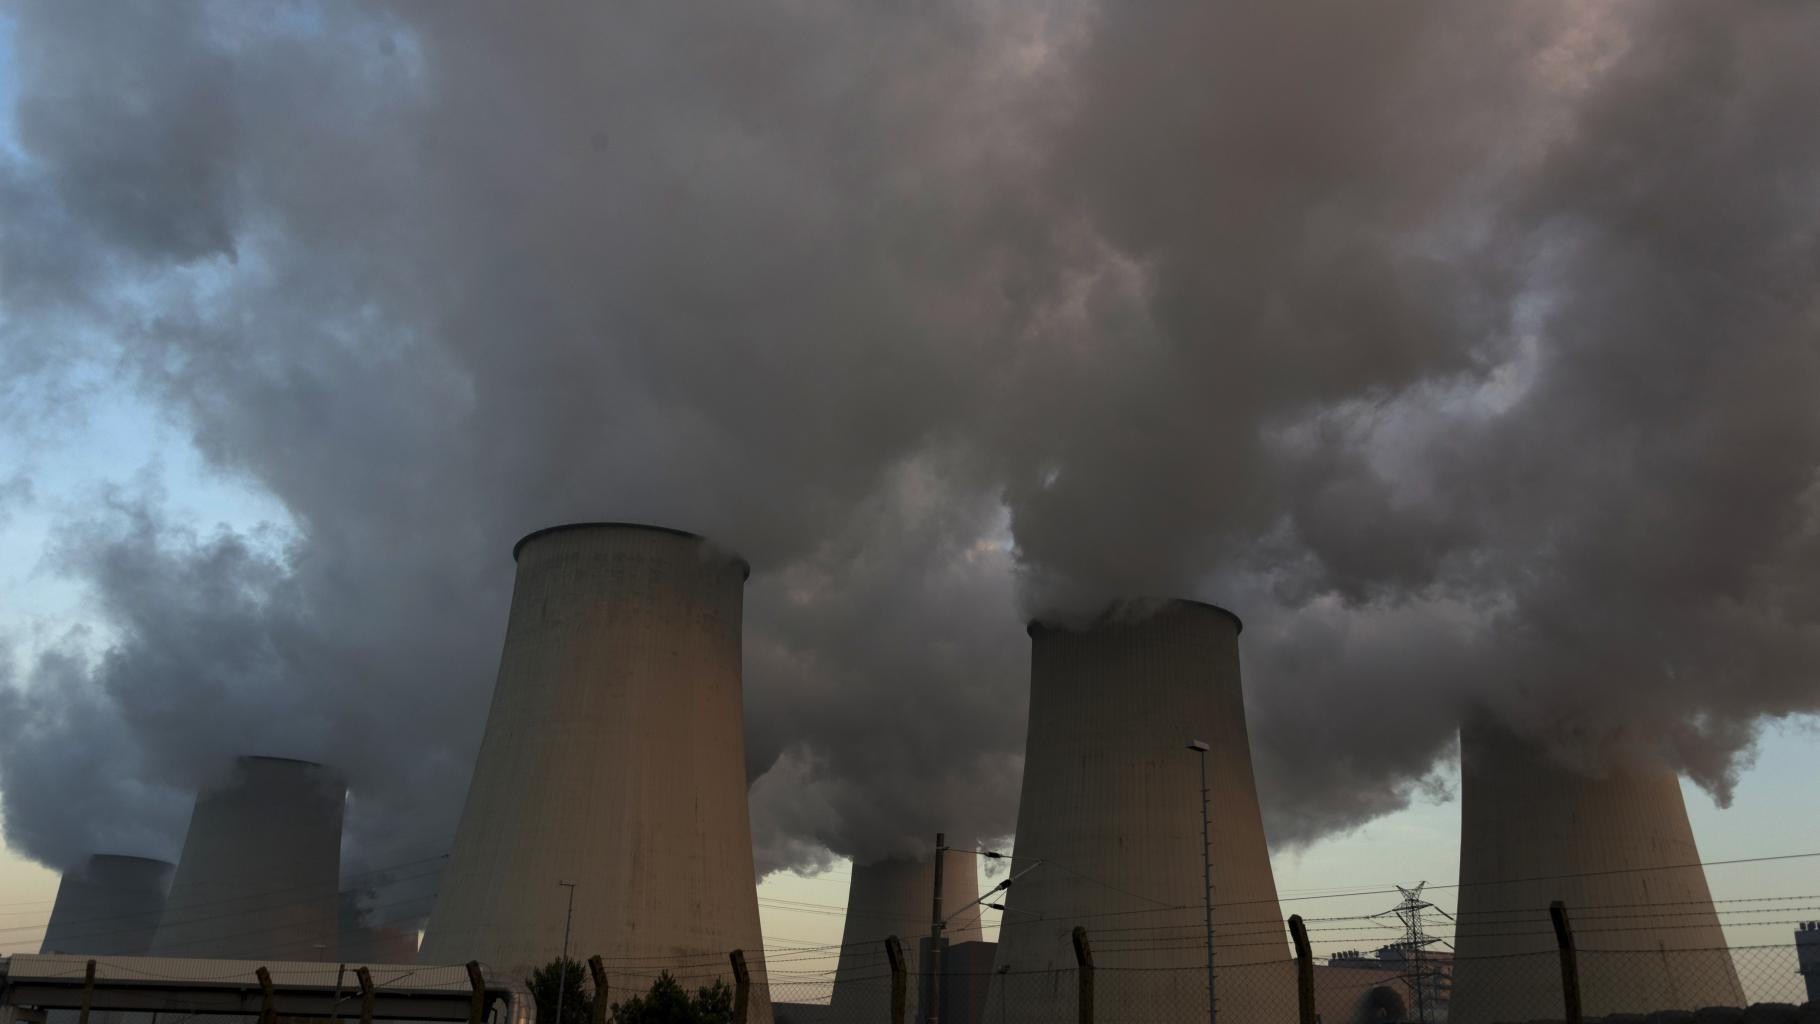 Dampf steigt aus sieben Kühltürmen eines Kraftwerks in den Abendhimmel.